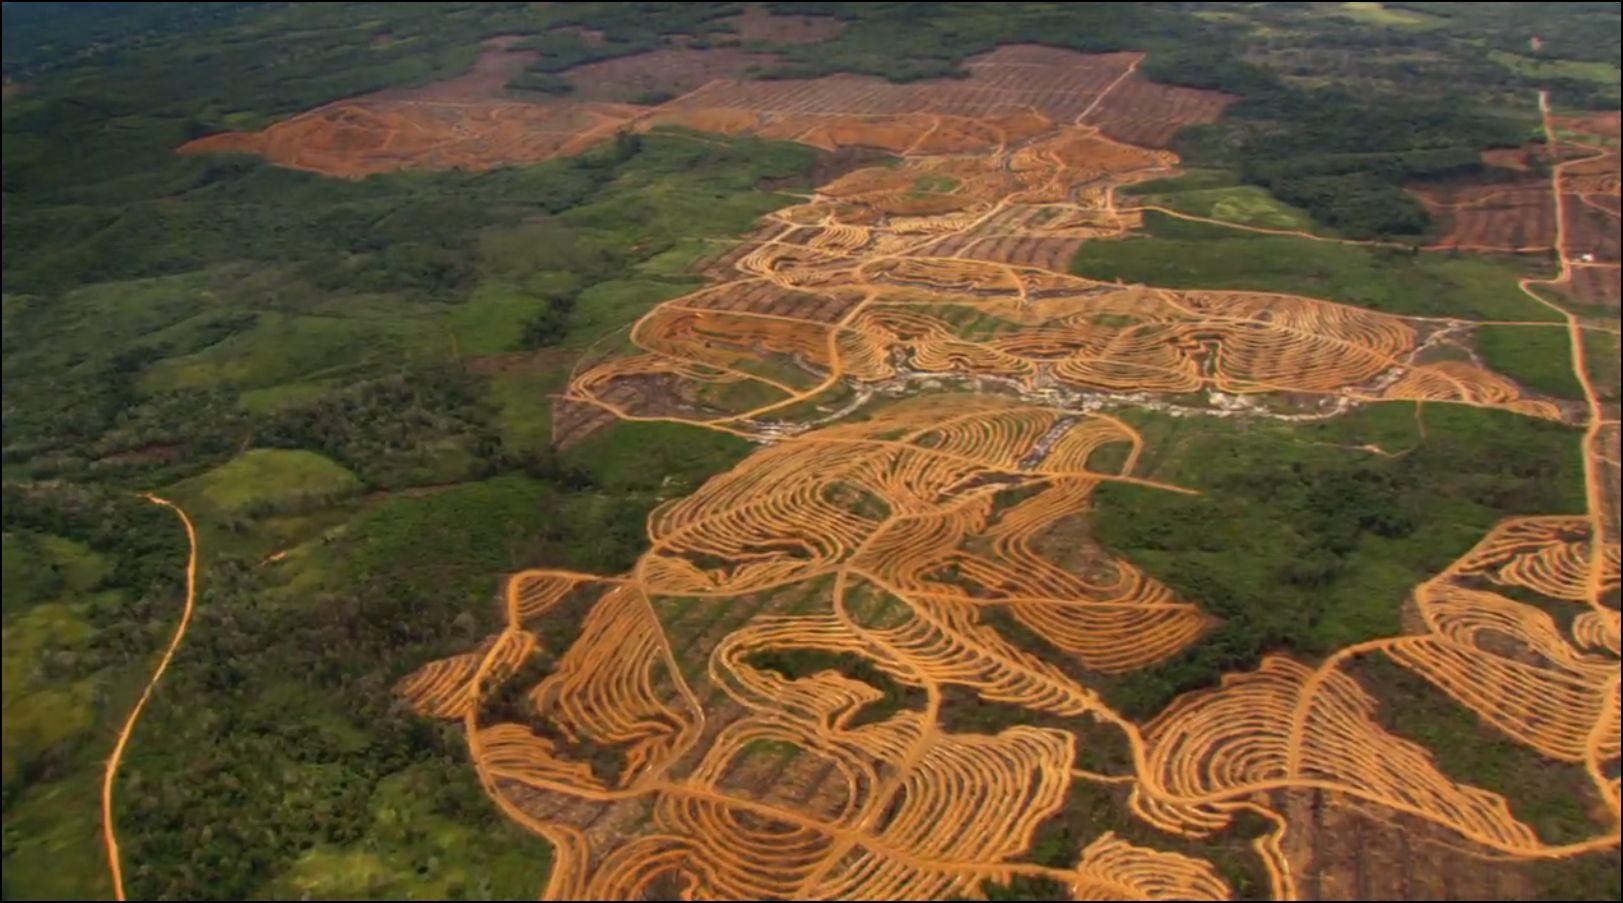 Les forêts tropicales abritent jusqu'à 90% de toutes les espèces terrestres.